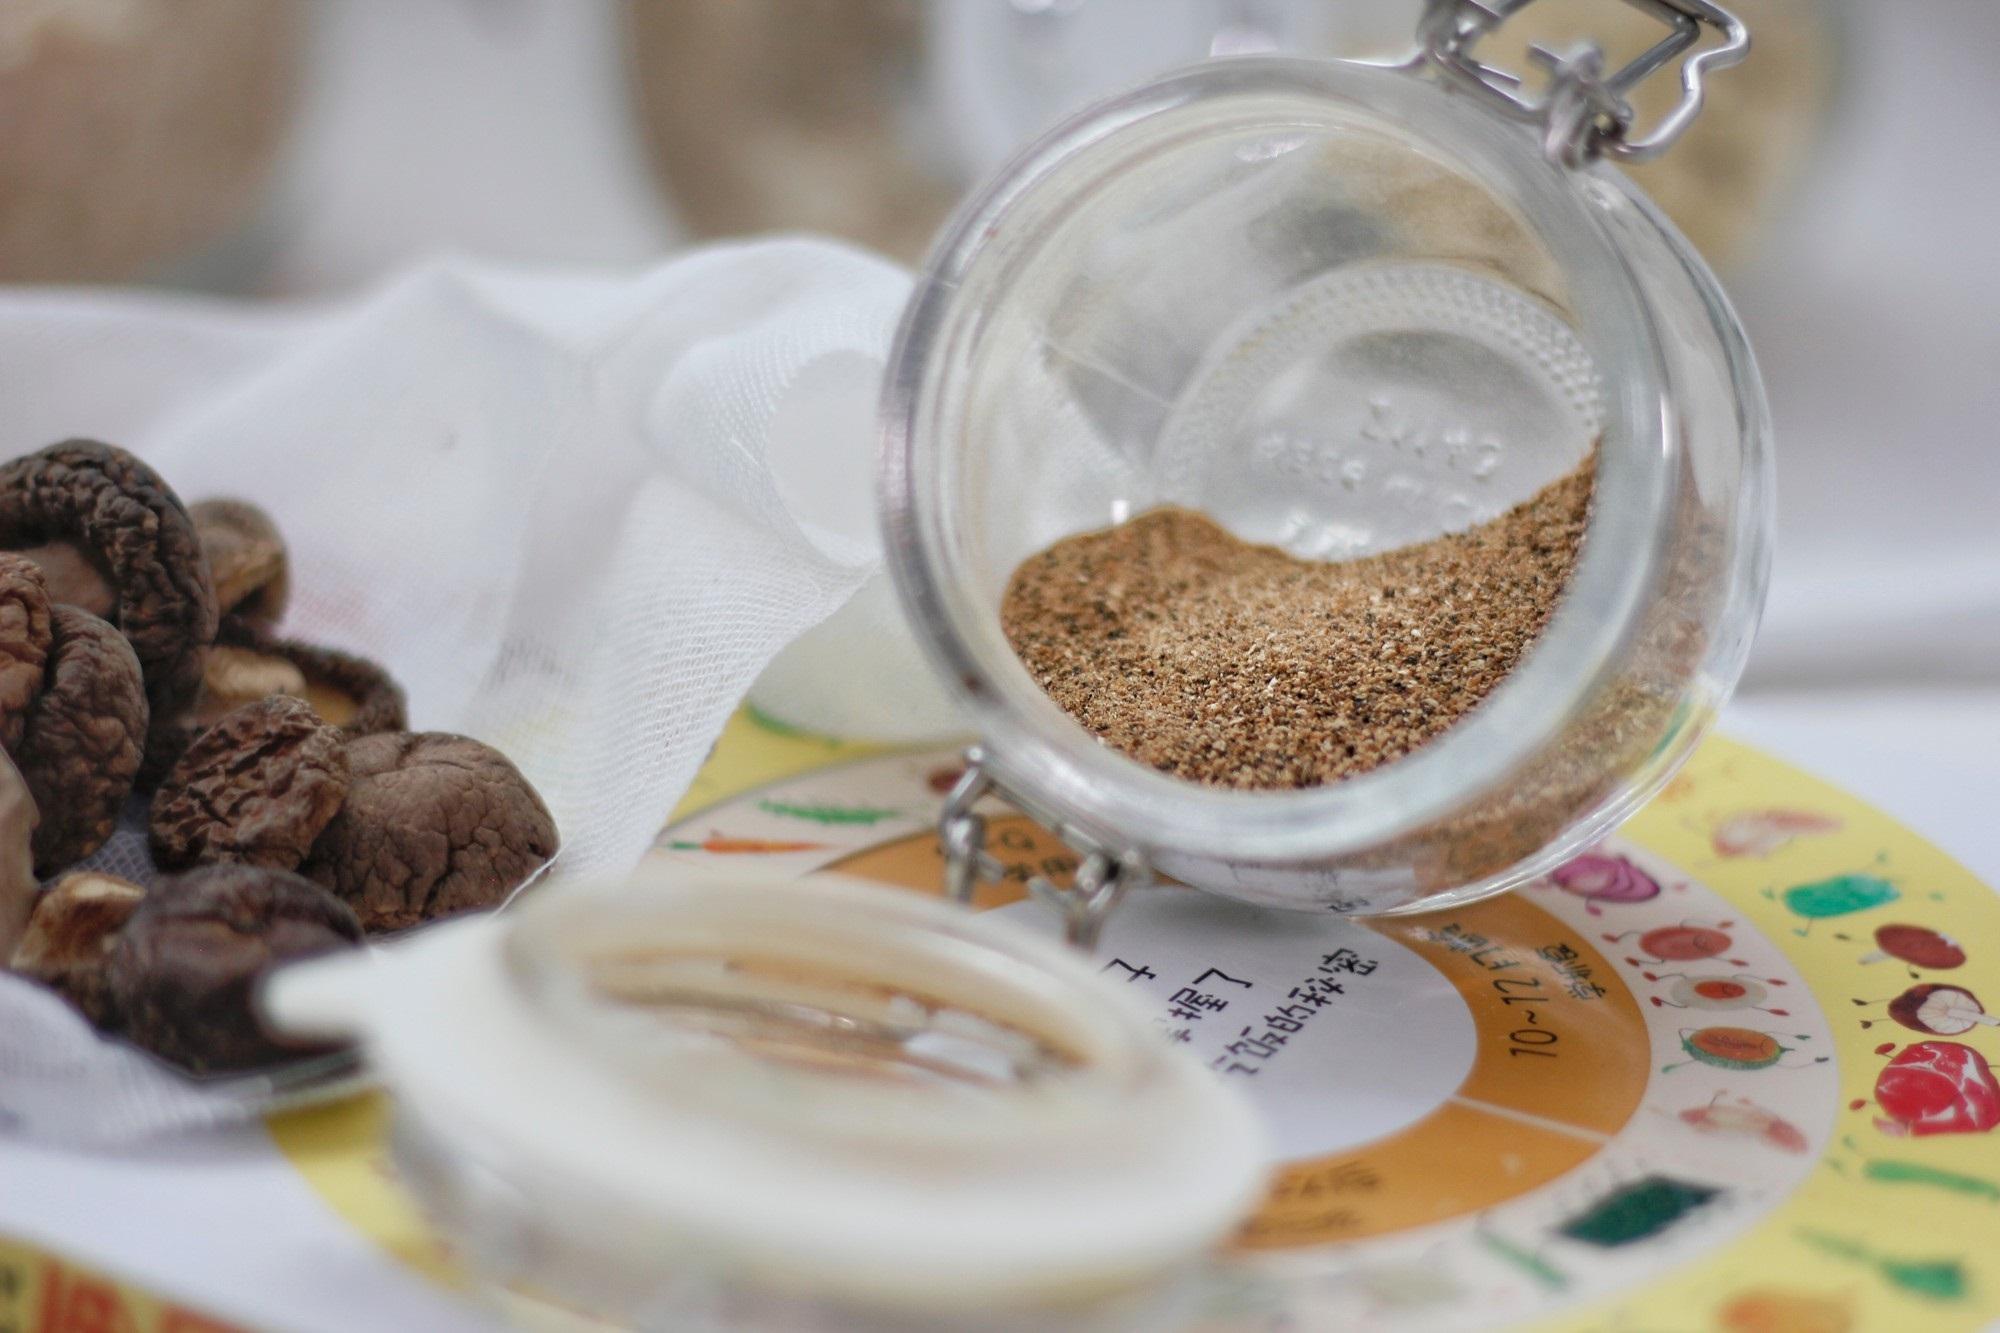 2 công thức làm bột nêm cực chuẩn mẹ phải làm ngay cho bé ăn - Ảnh 5